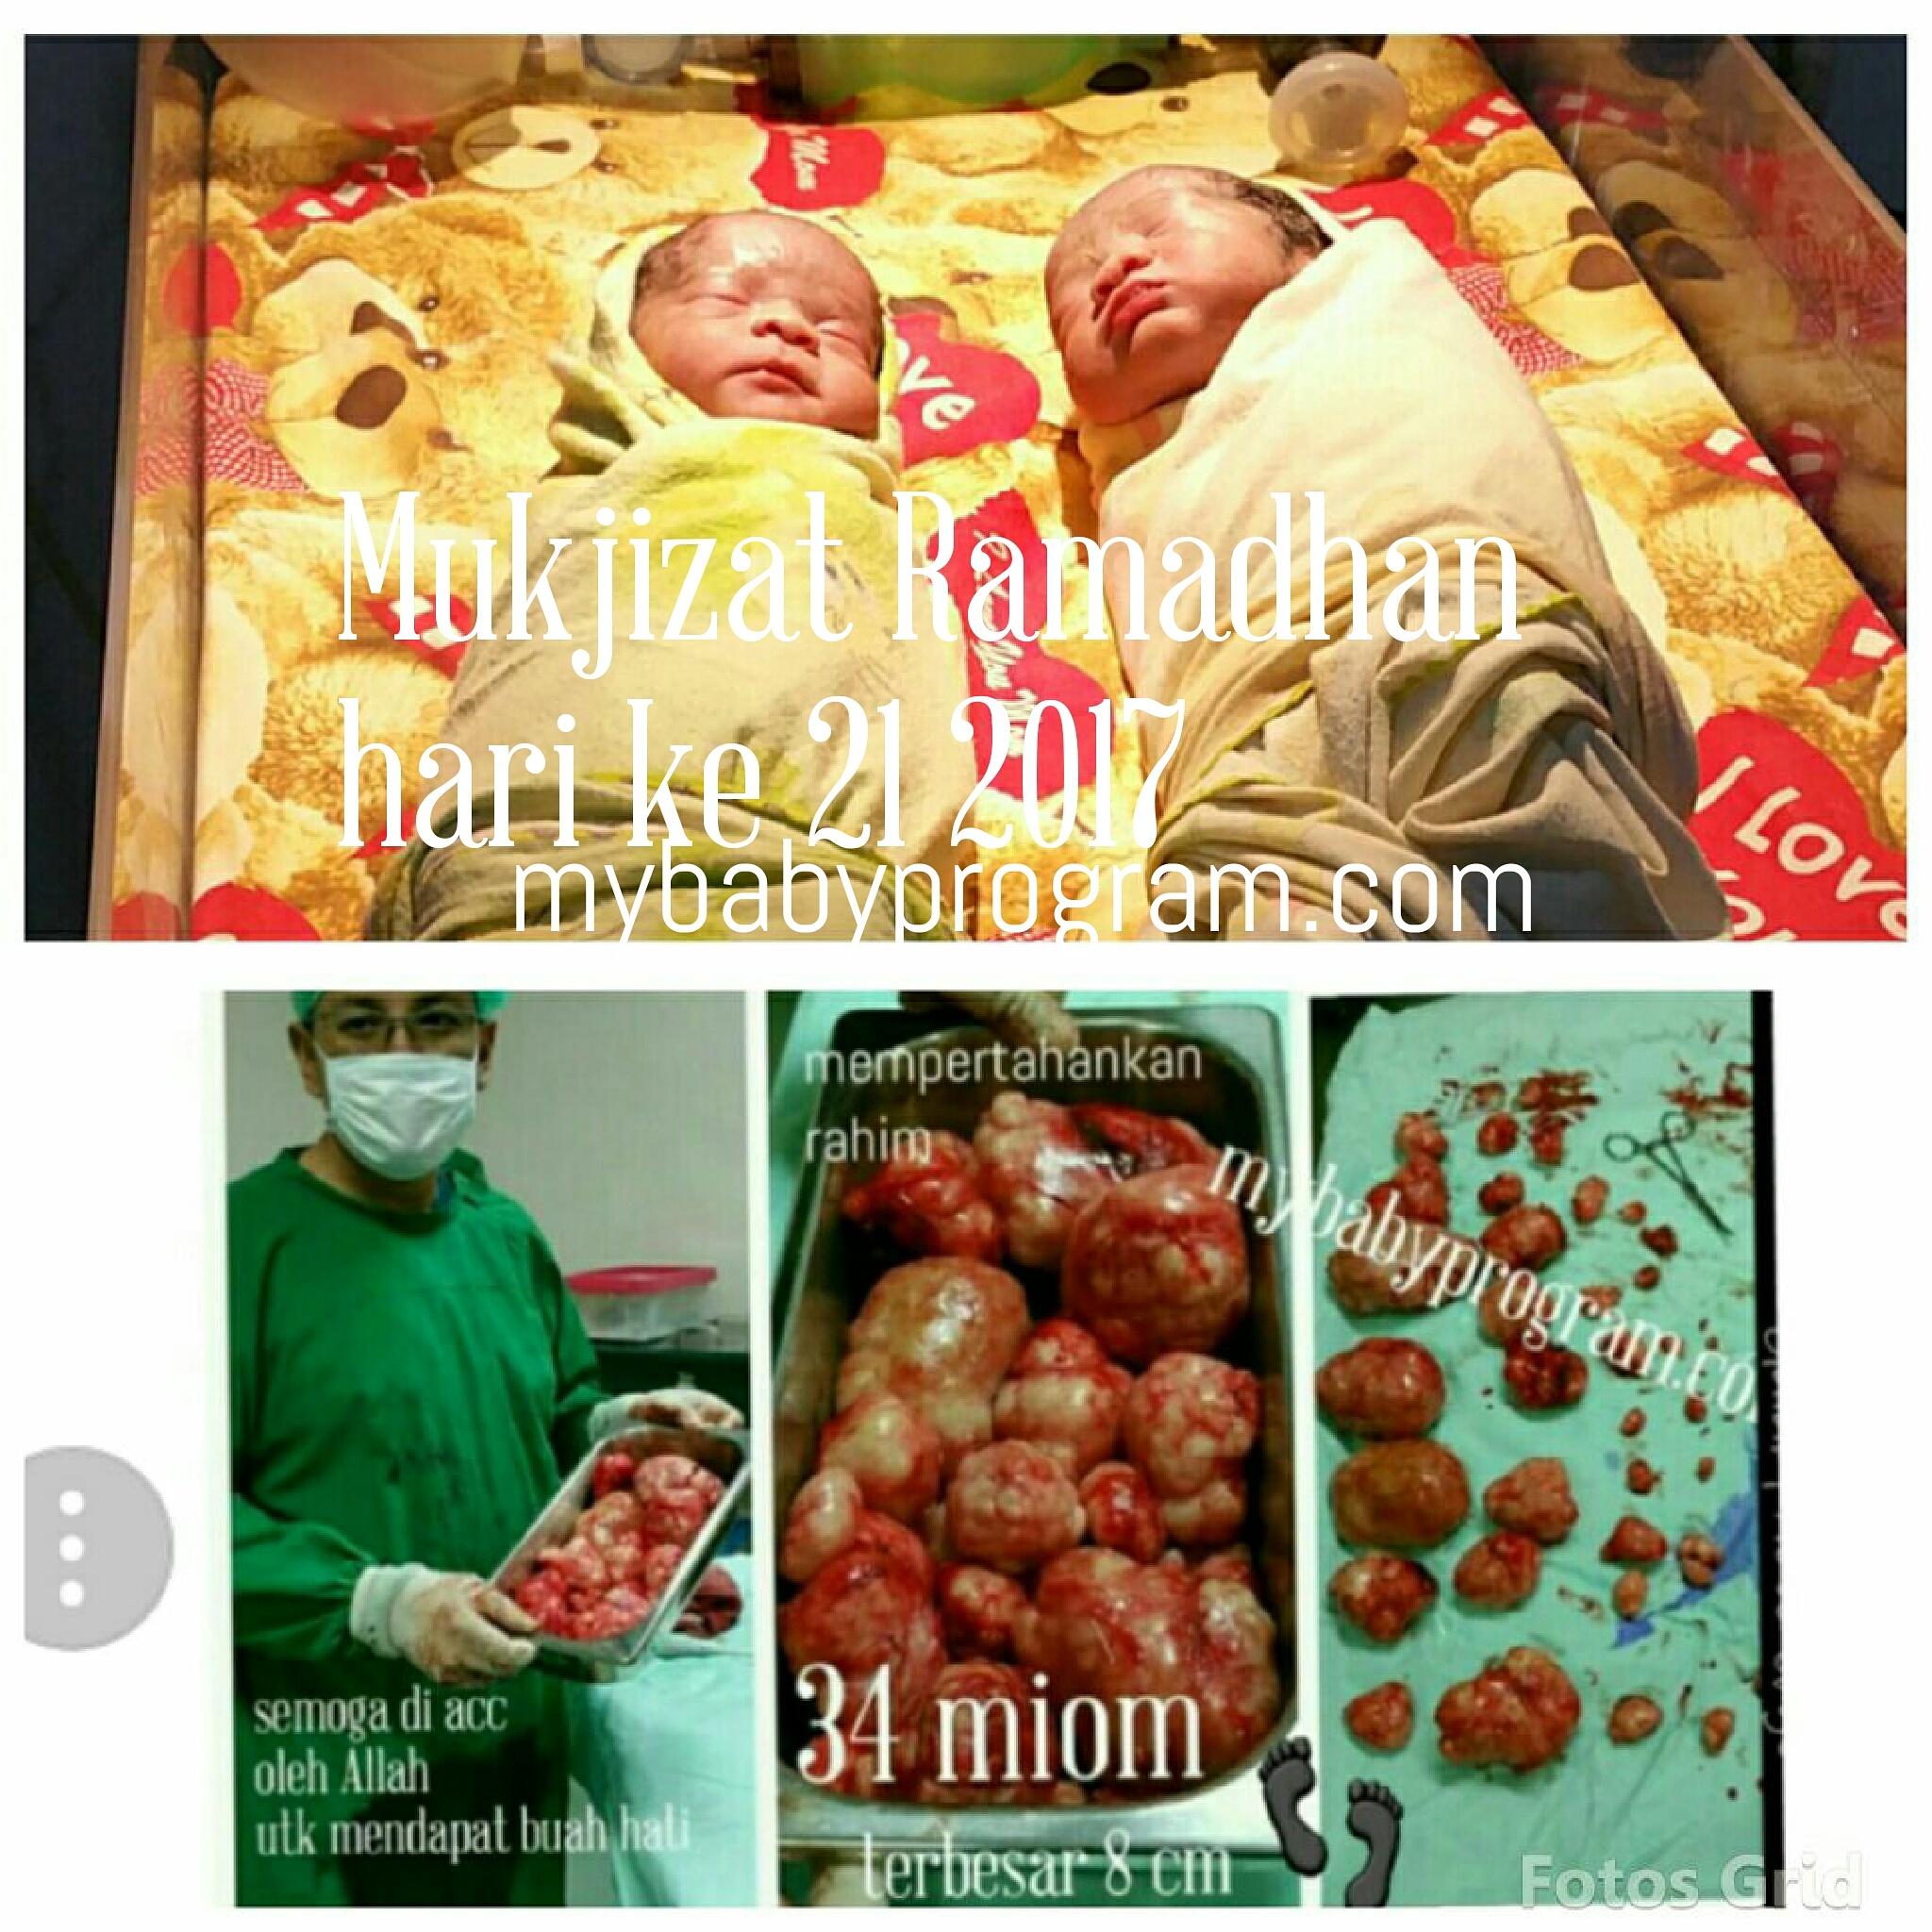 Mukjizat Ramadhan 34 Miom Twins Alias Kembar Vonis Angkat Rahim 11 Tahun Pernikahan Dr Suryo Spog Kesehatan Reproduksi